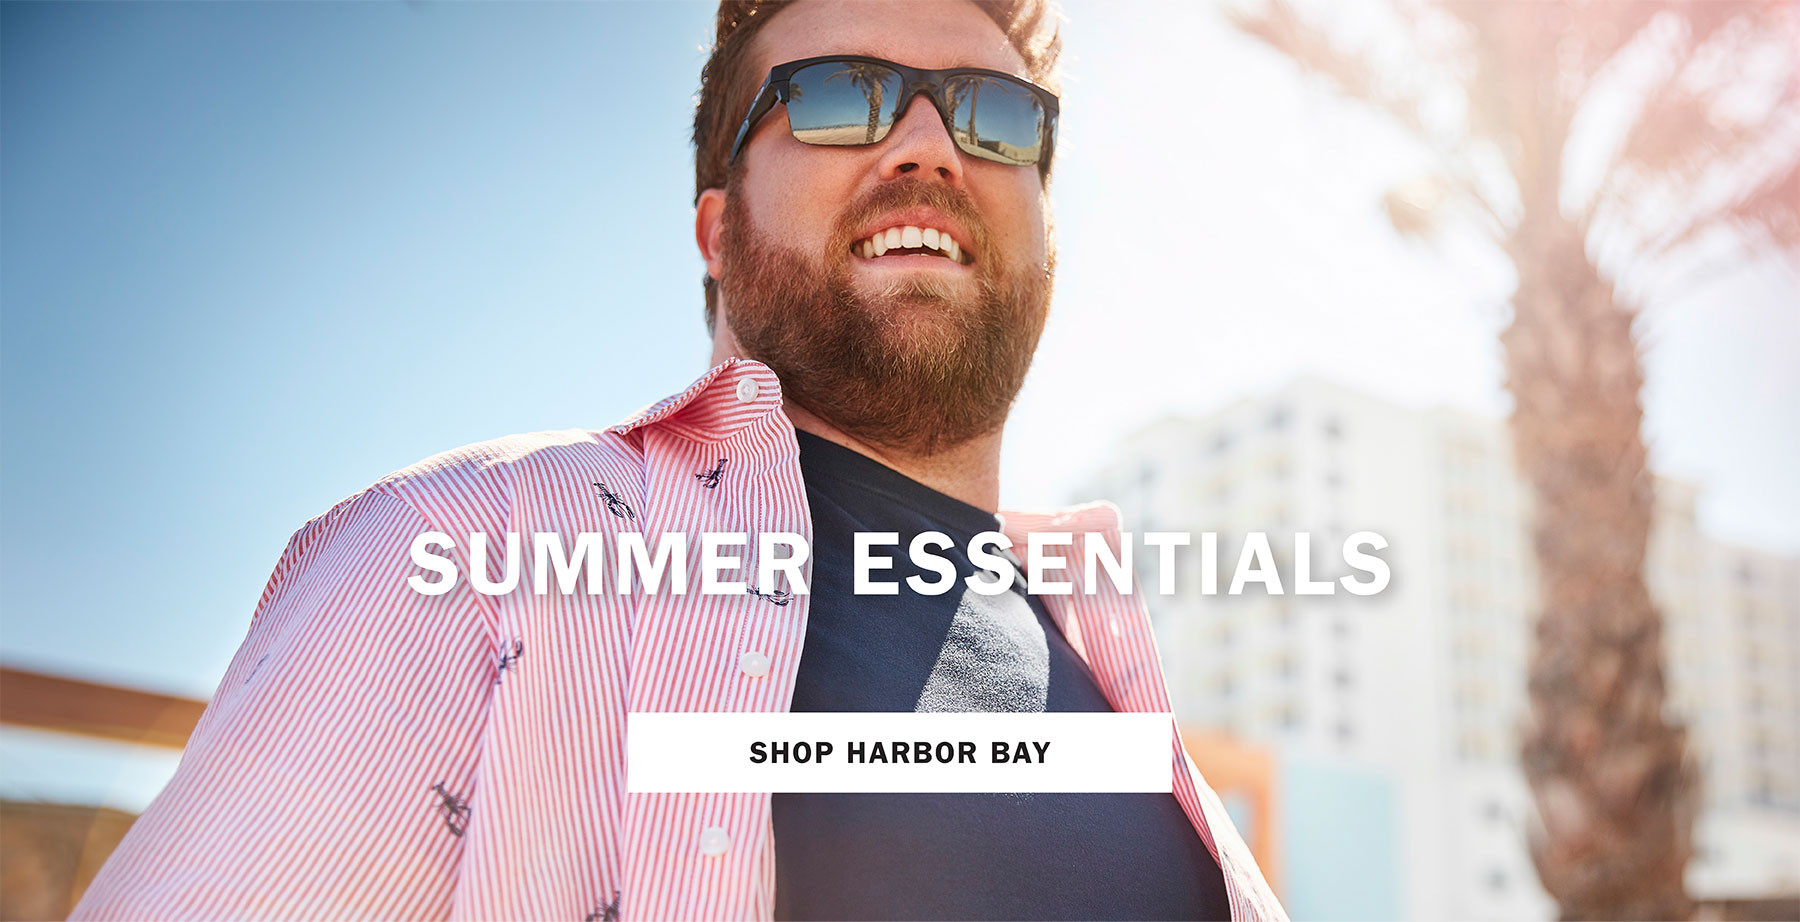 SUMMER ESSENTIALS | SHOP HARBOR BAY